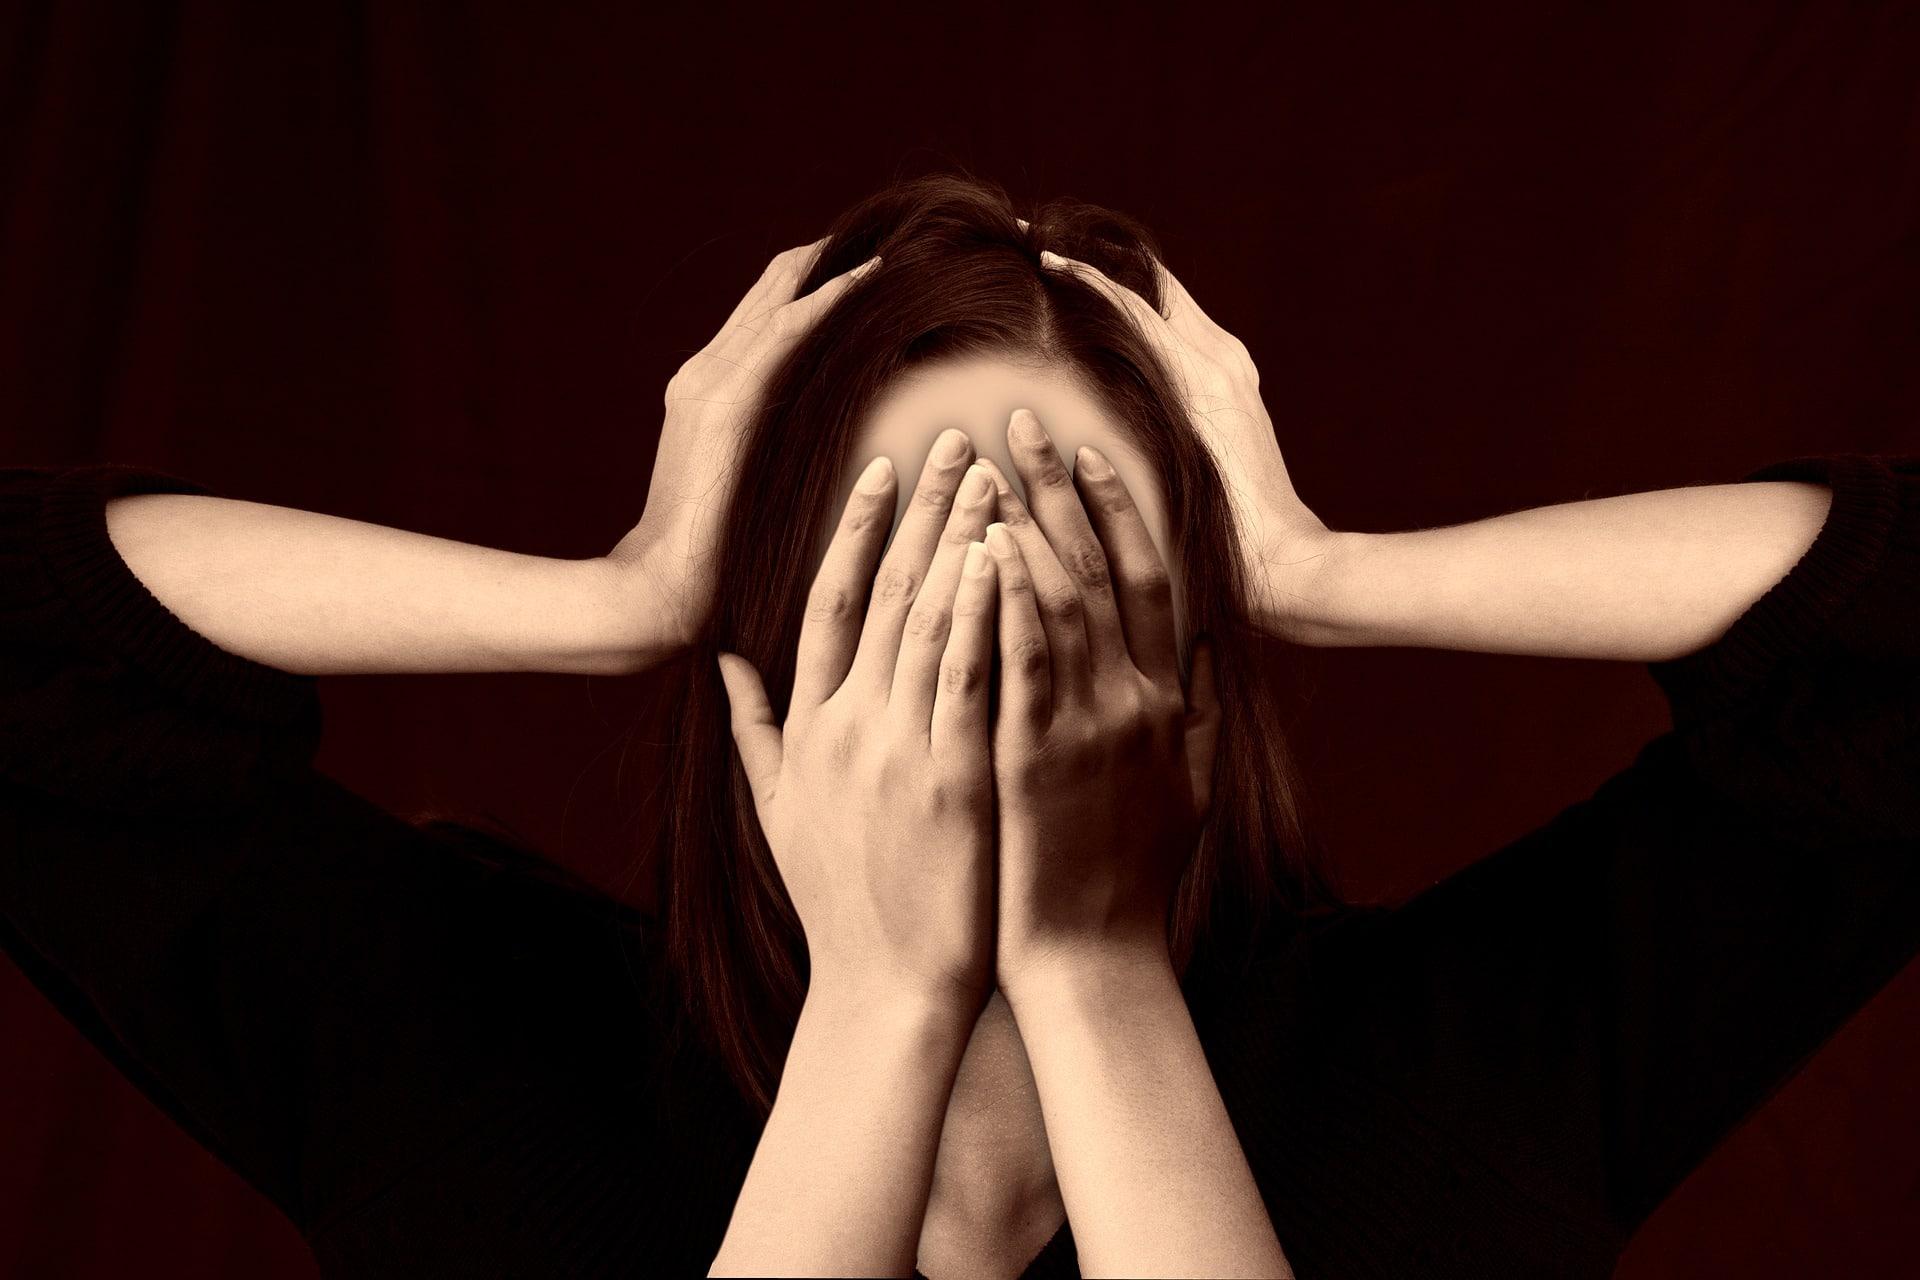 Mulher sobre um fundo preto, com as mãos cobrindo o rosto em sinal de desespero. Outras duas mãos seguram sua cabeça.